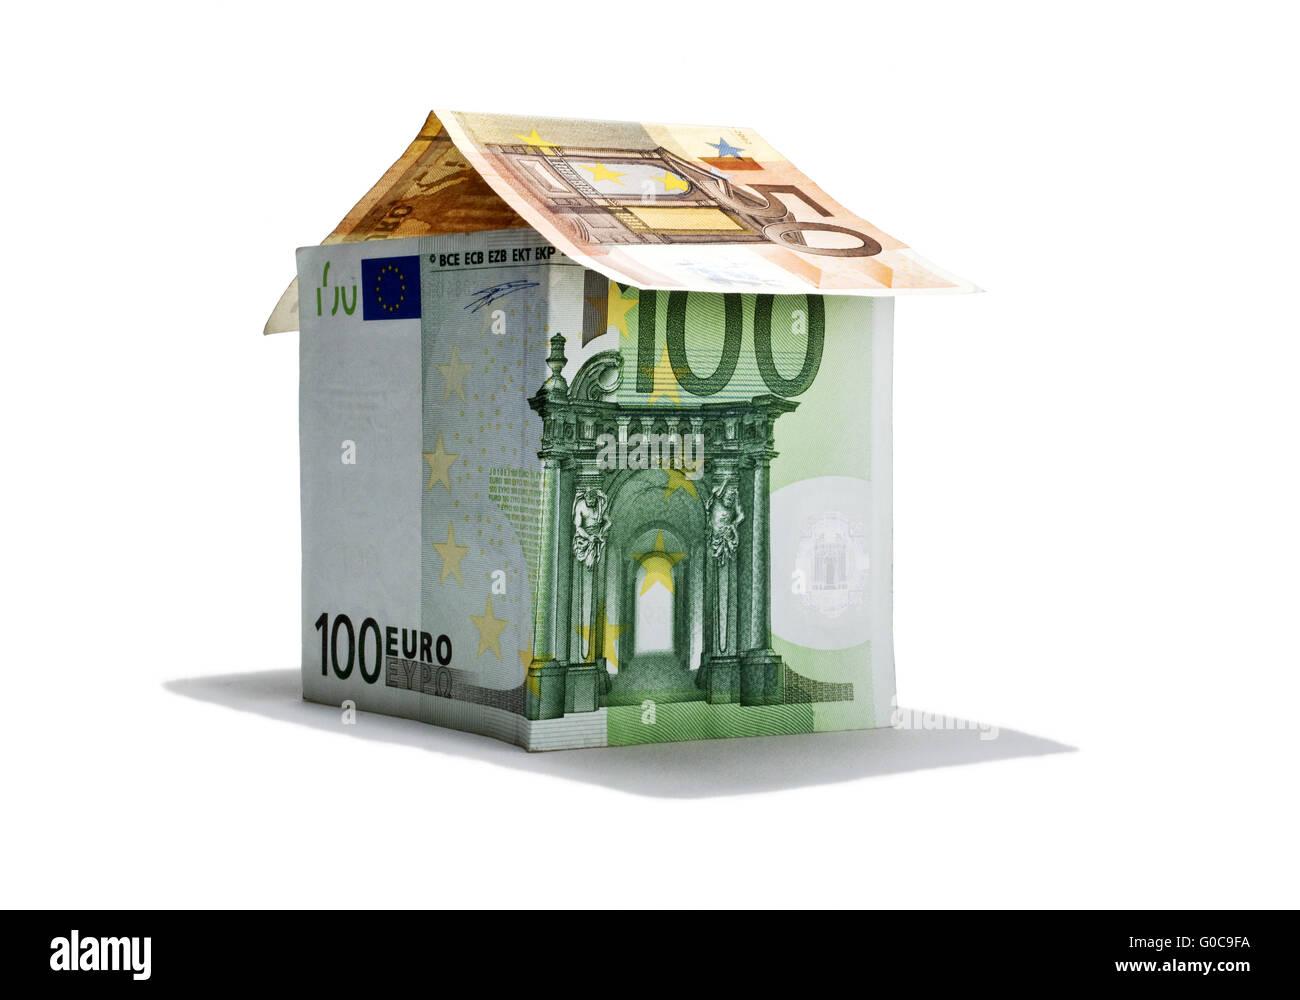 Haus von Euro-Banknoten, symbolisches Bild Stockbild